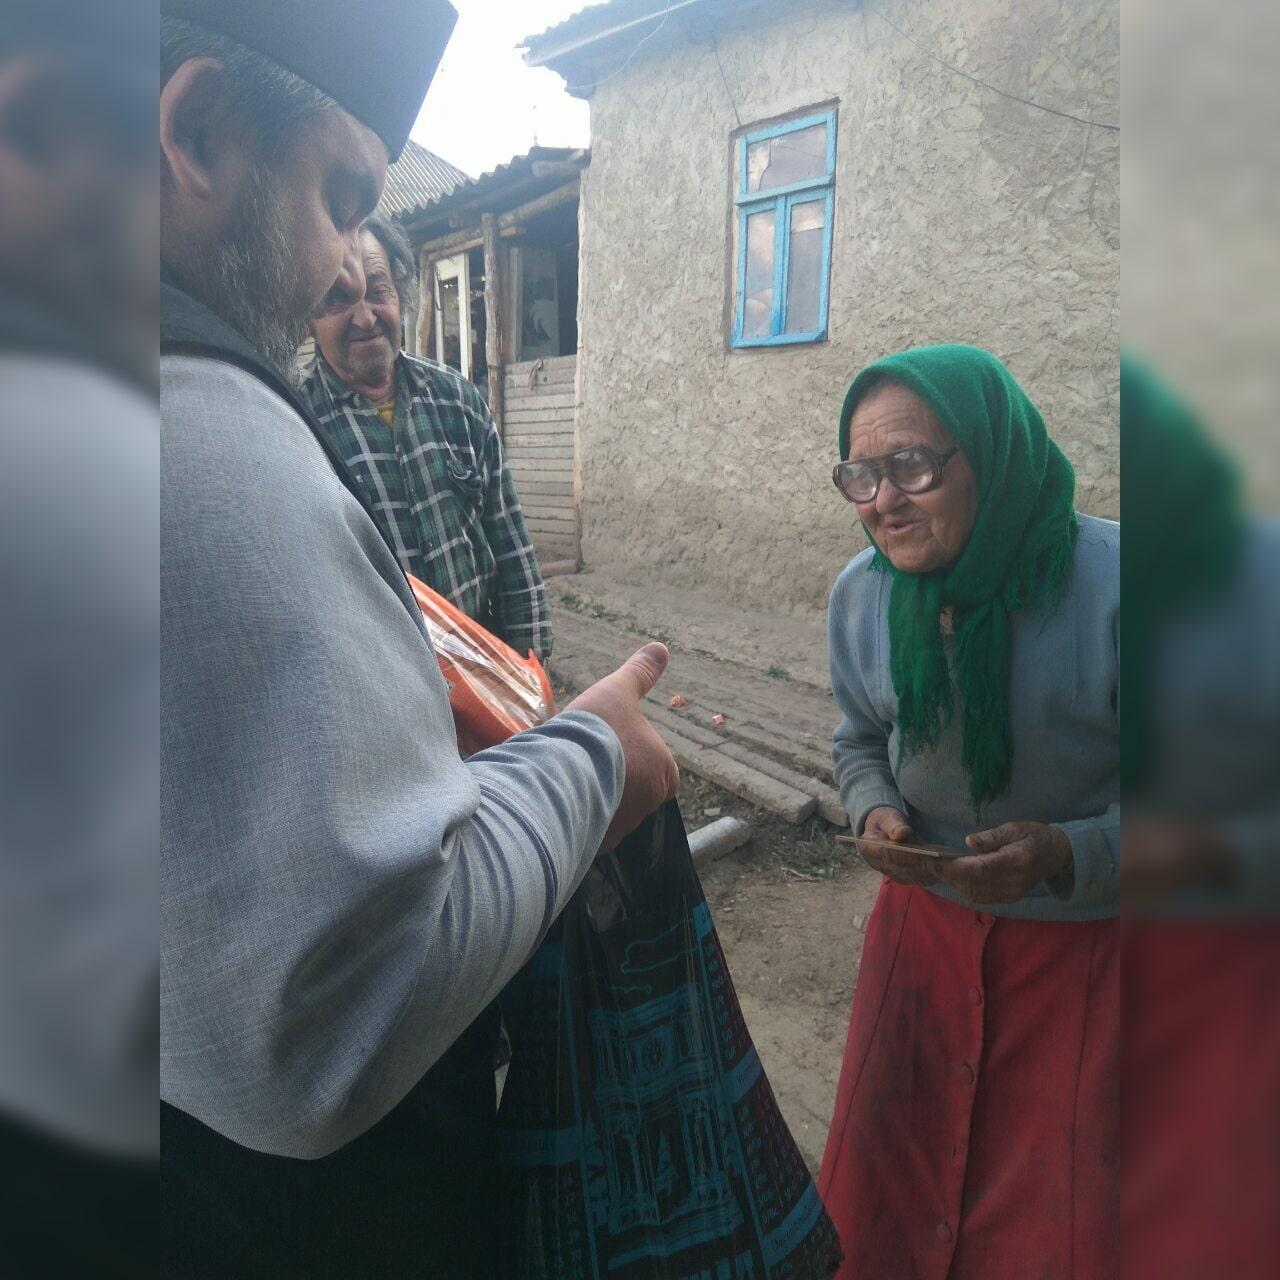 В селе Будэй прошла благотворительная акция «Пасхальная радость»